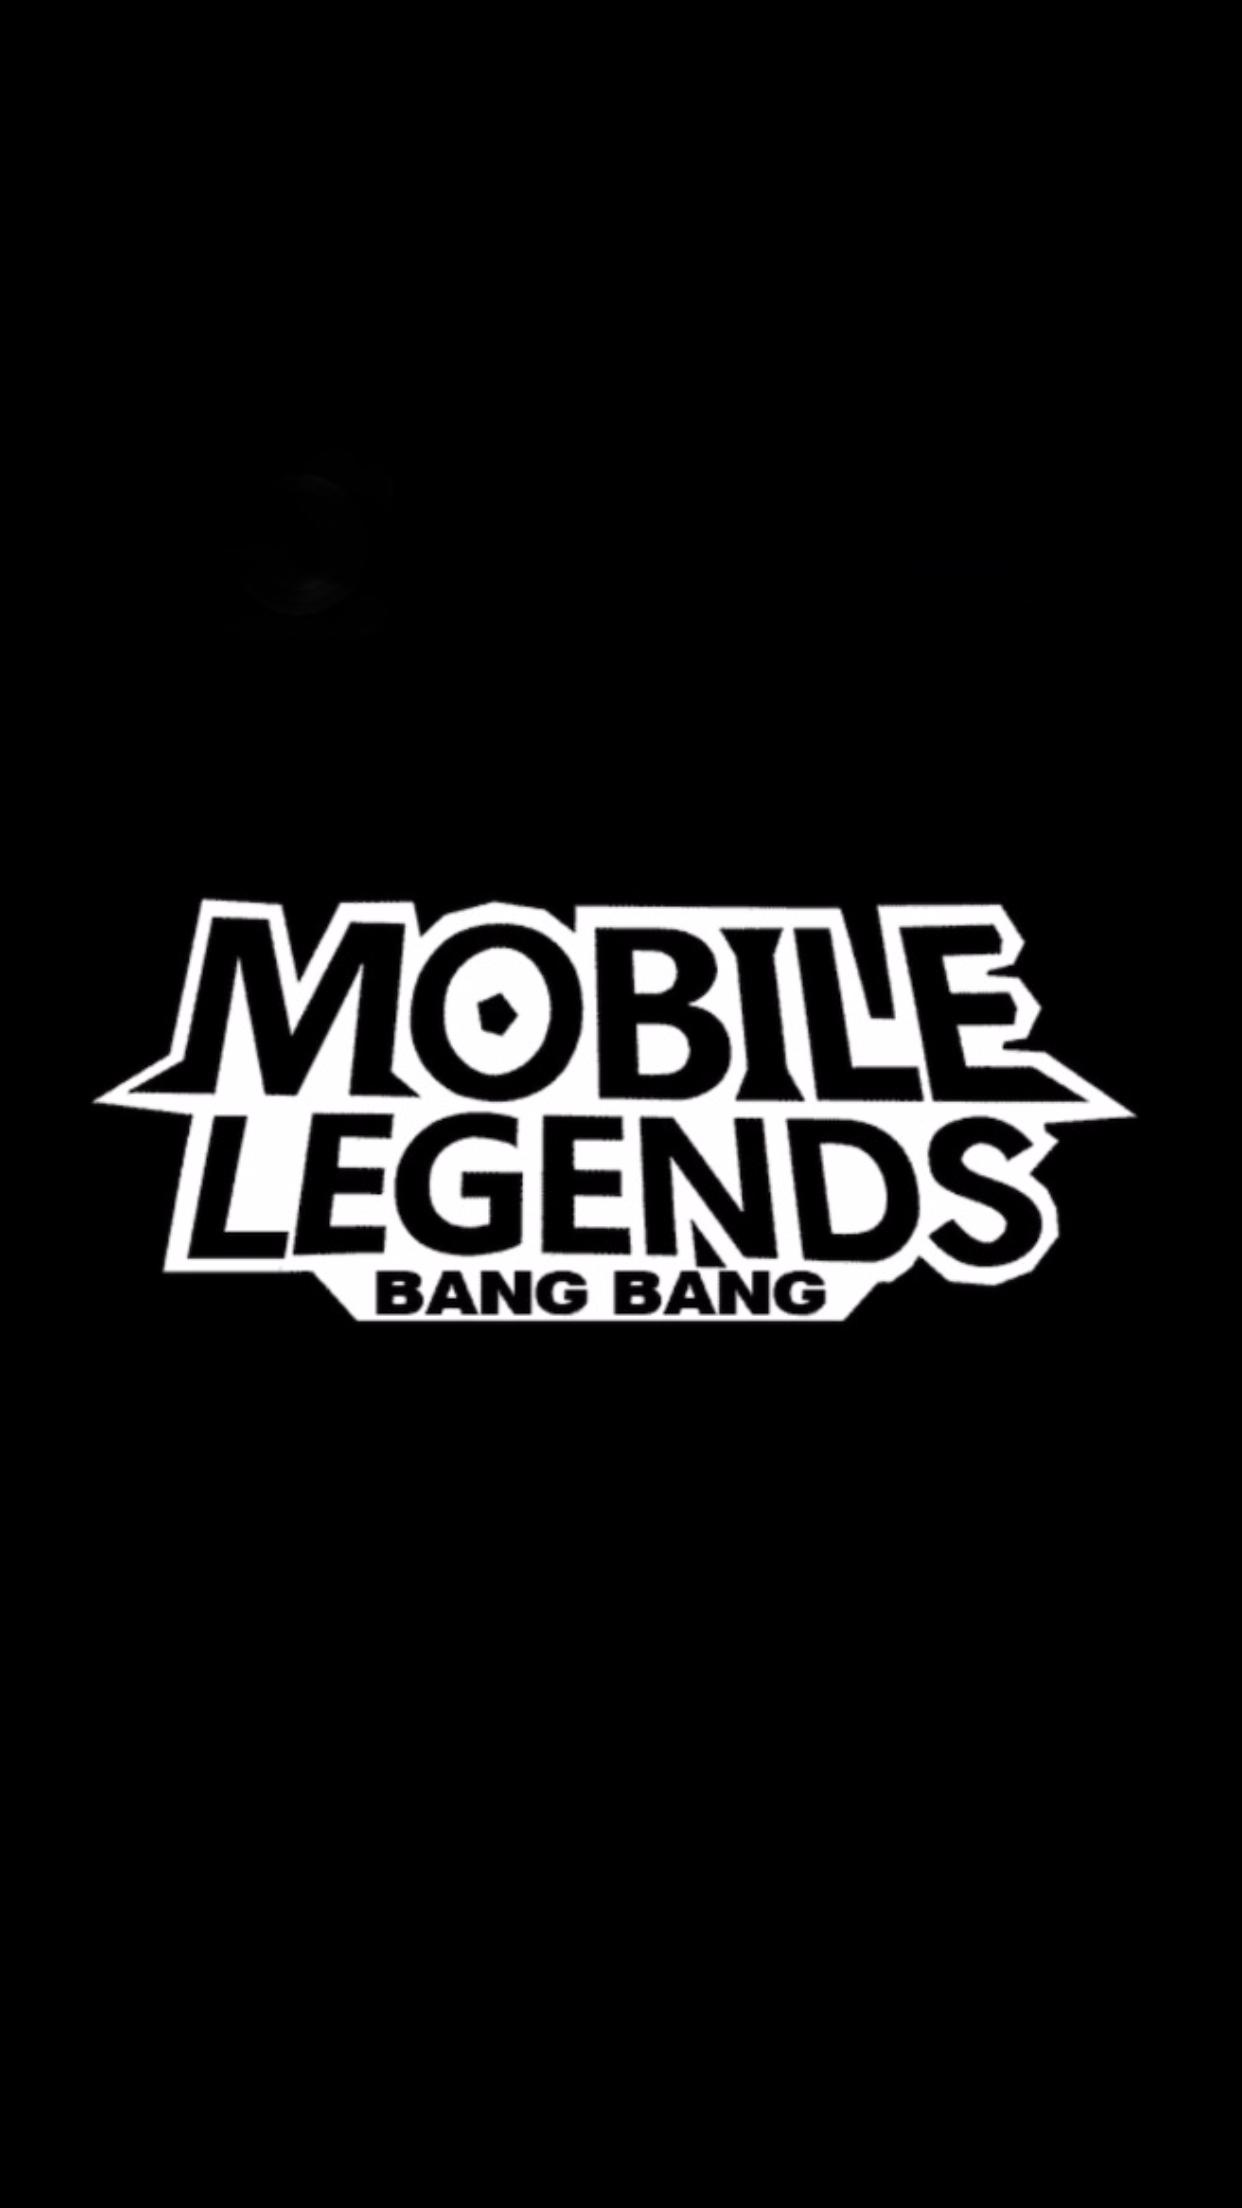 pin di mobile legends bang bang